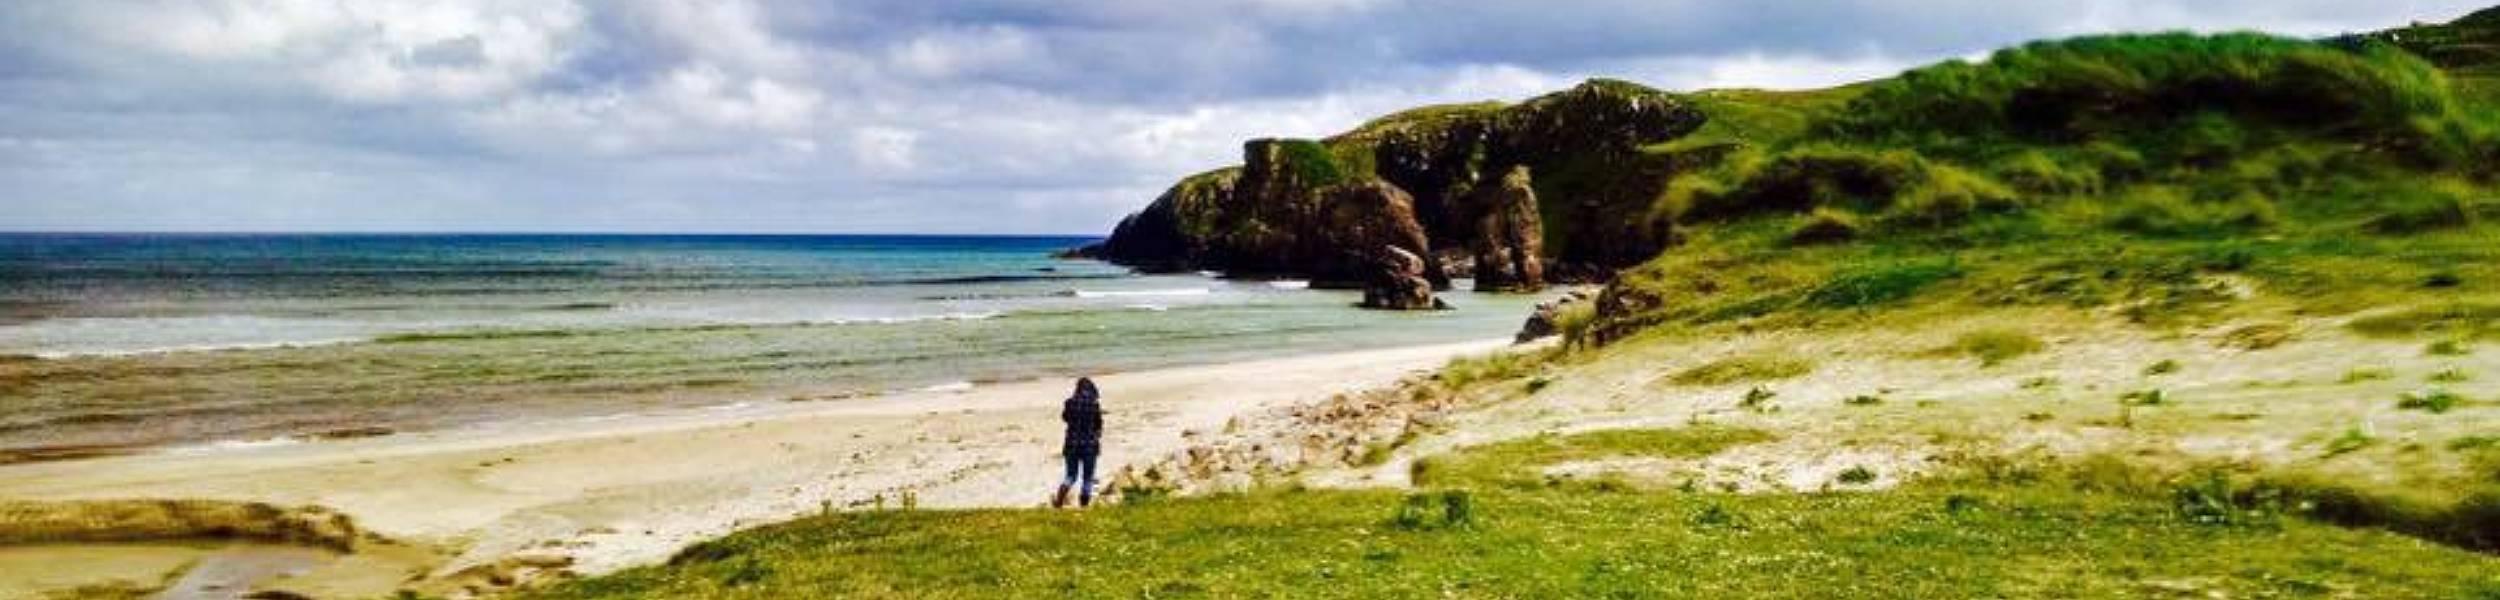 SCOTLAND-beach-pic (1)